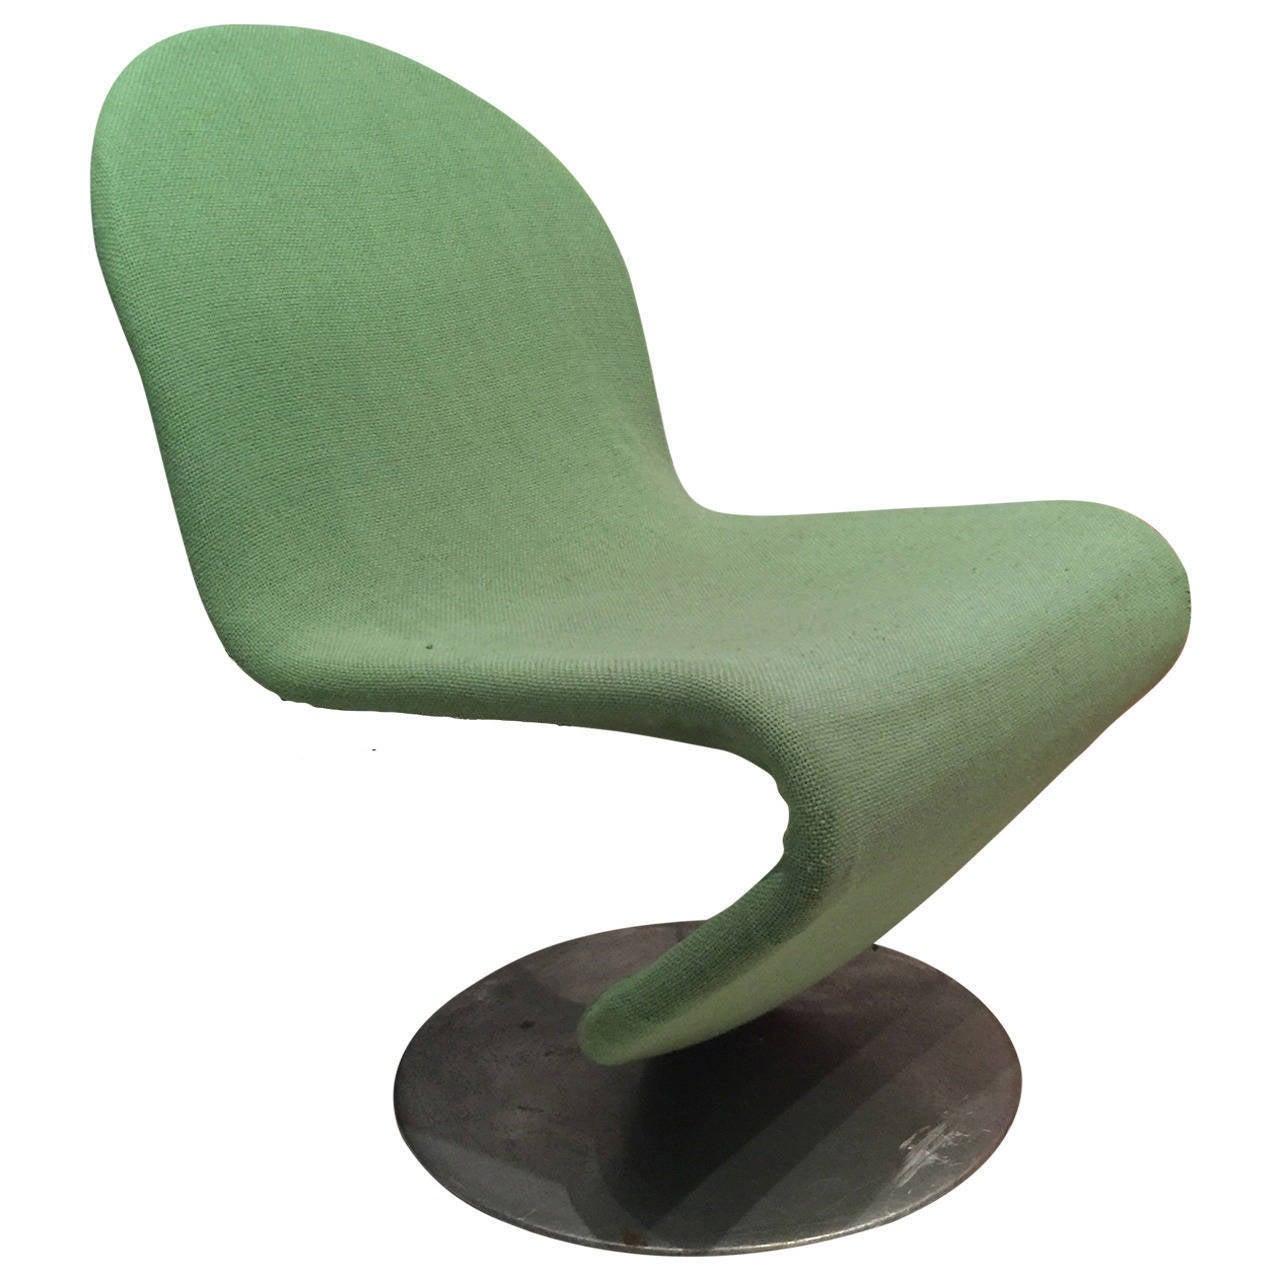 verner panton system 1 2 3 chair at 1stdibs. Black Bedroom Furniture Sets. Home Design Ideas